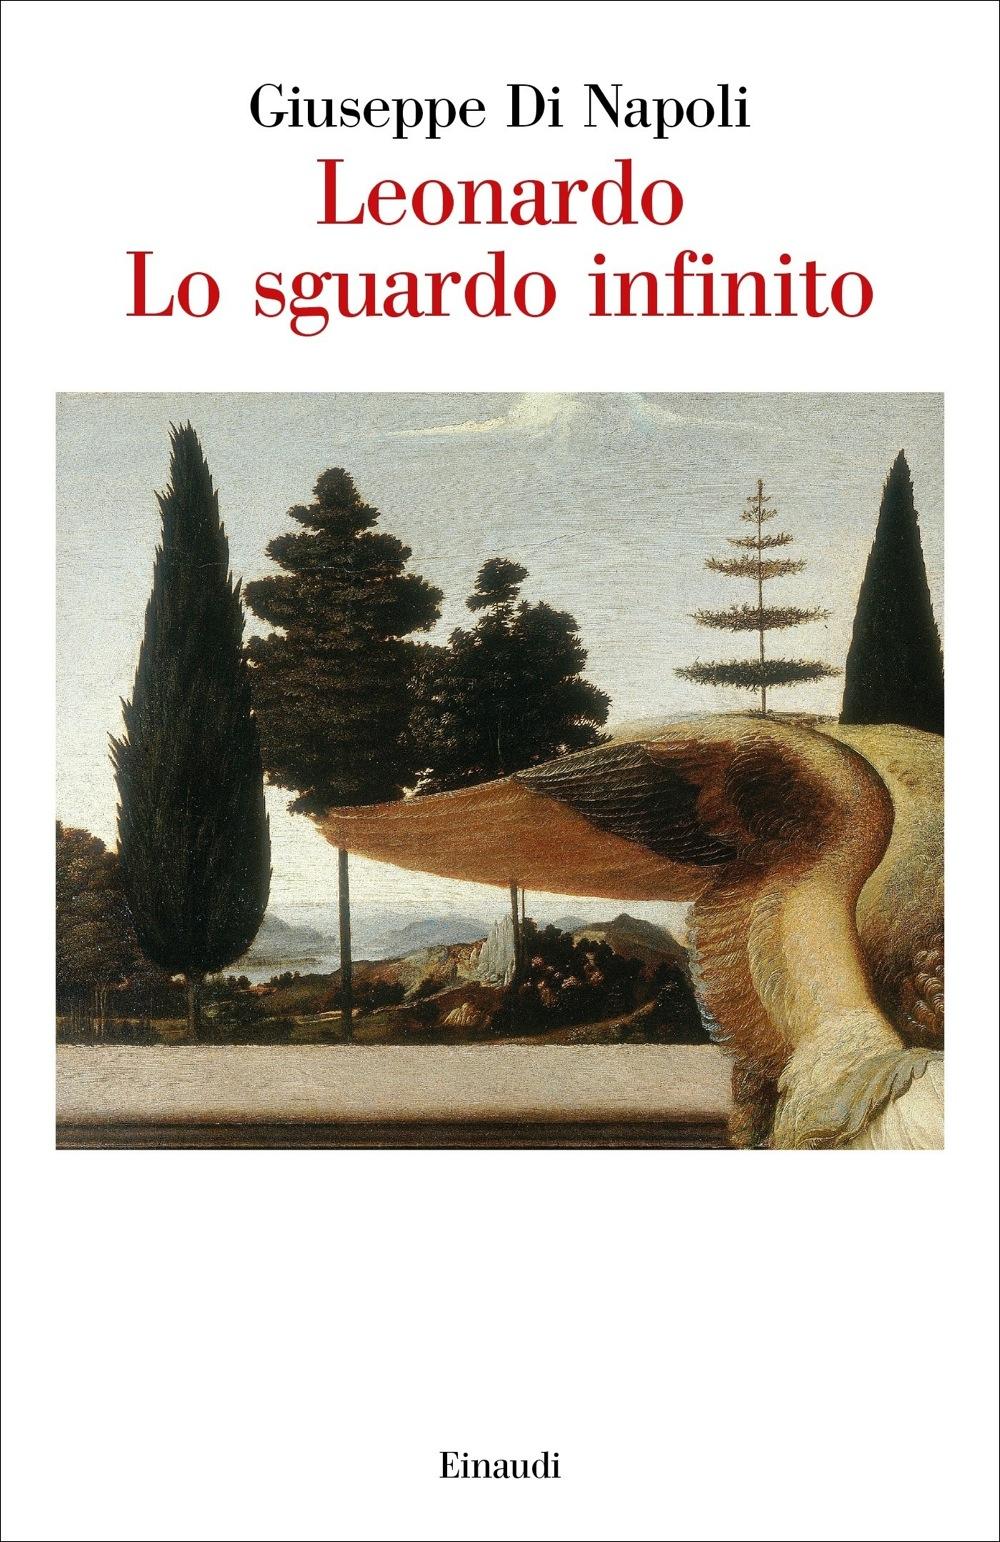 <p>La copertina del volume <em>Leonardo. Lo sguardo infinito</em>, di Giuseppe di Napoli, edito da Einaudi</p>